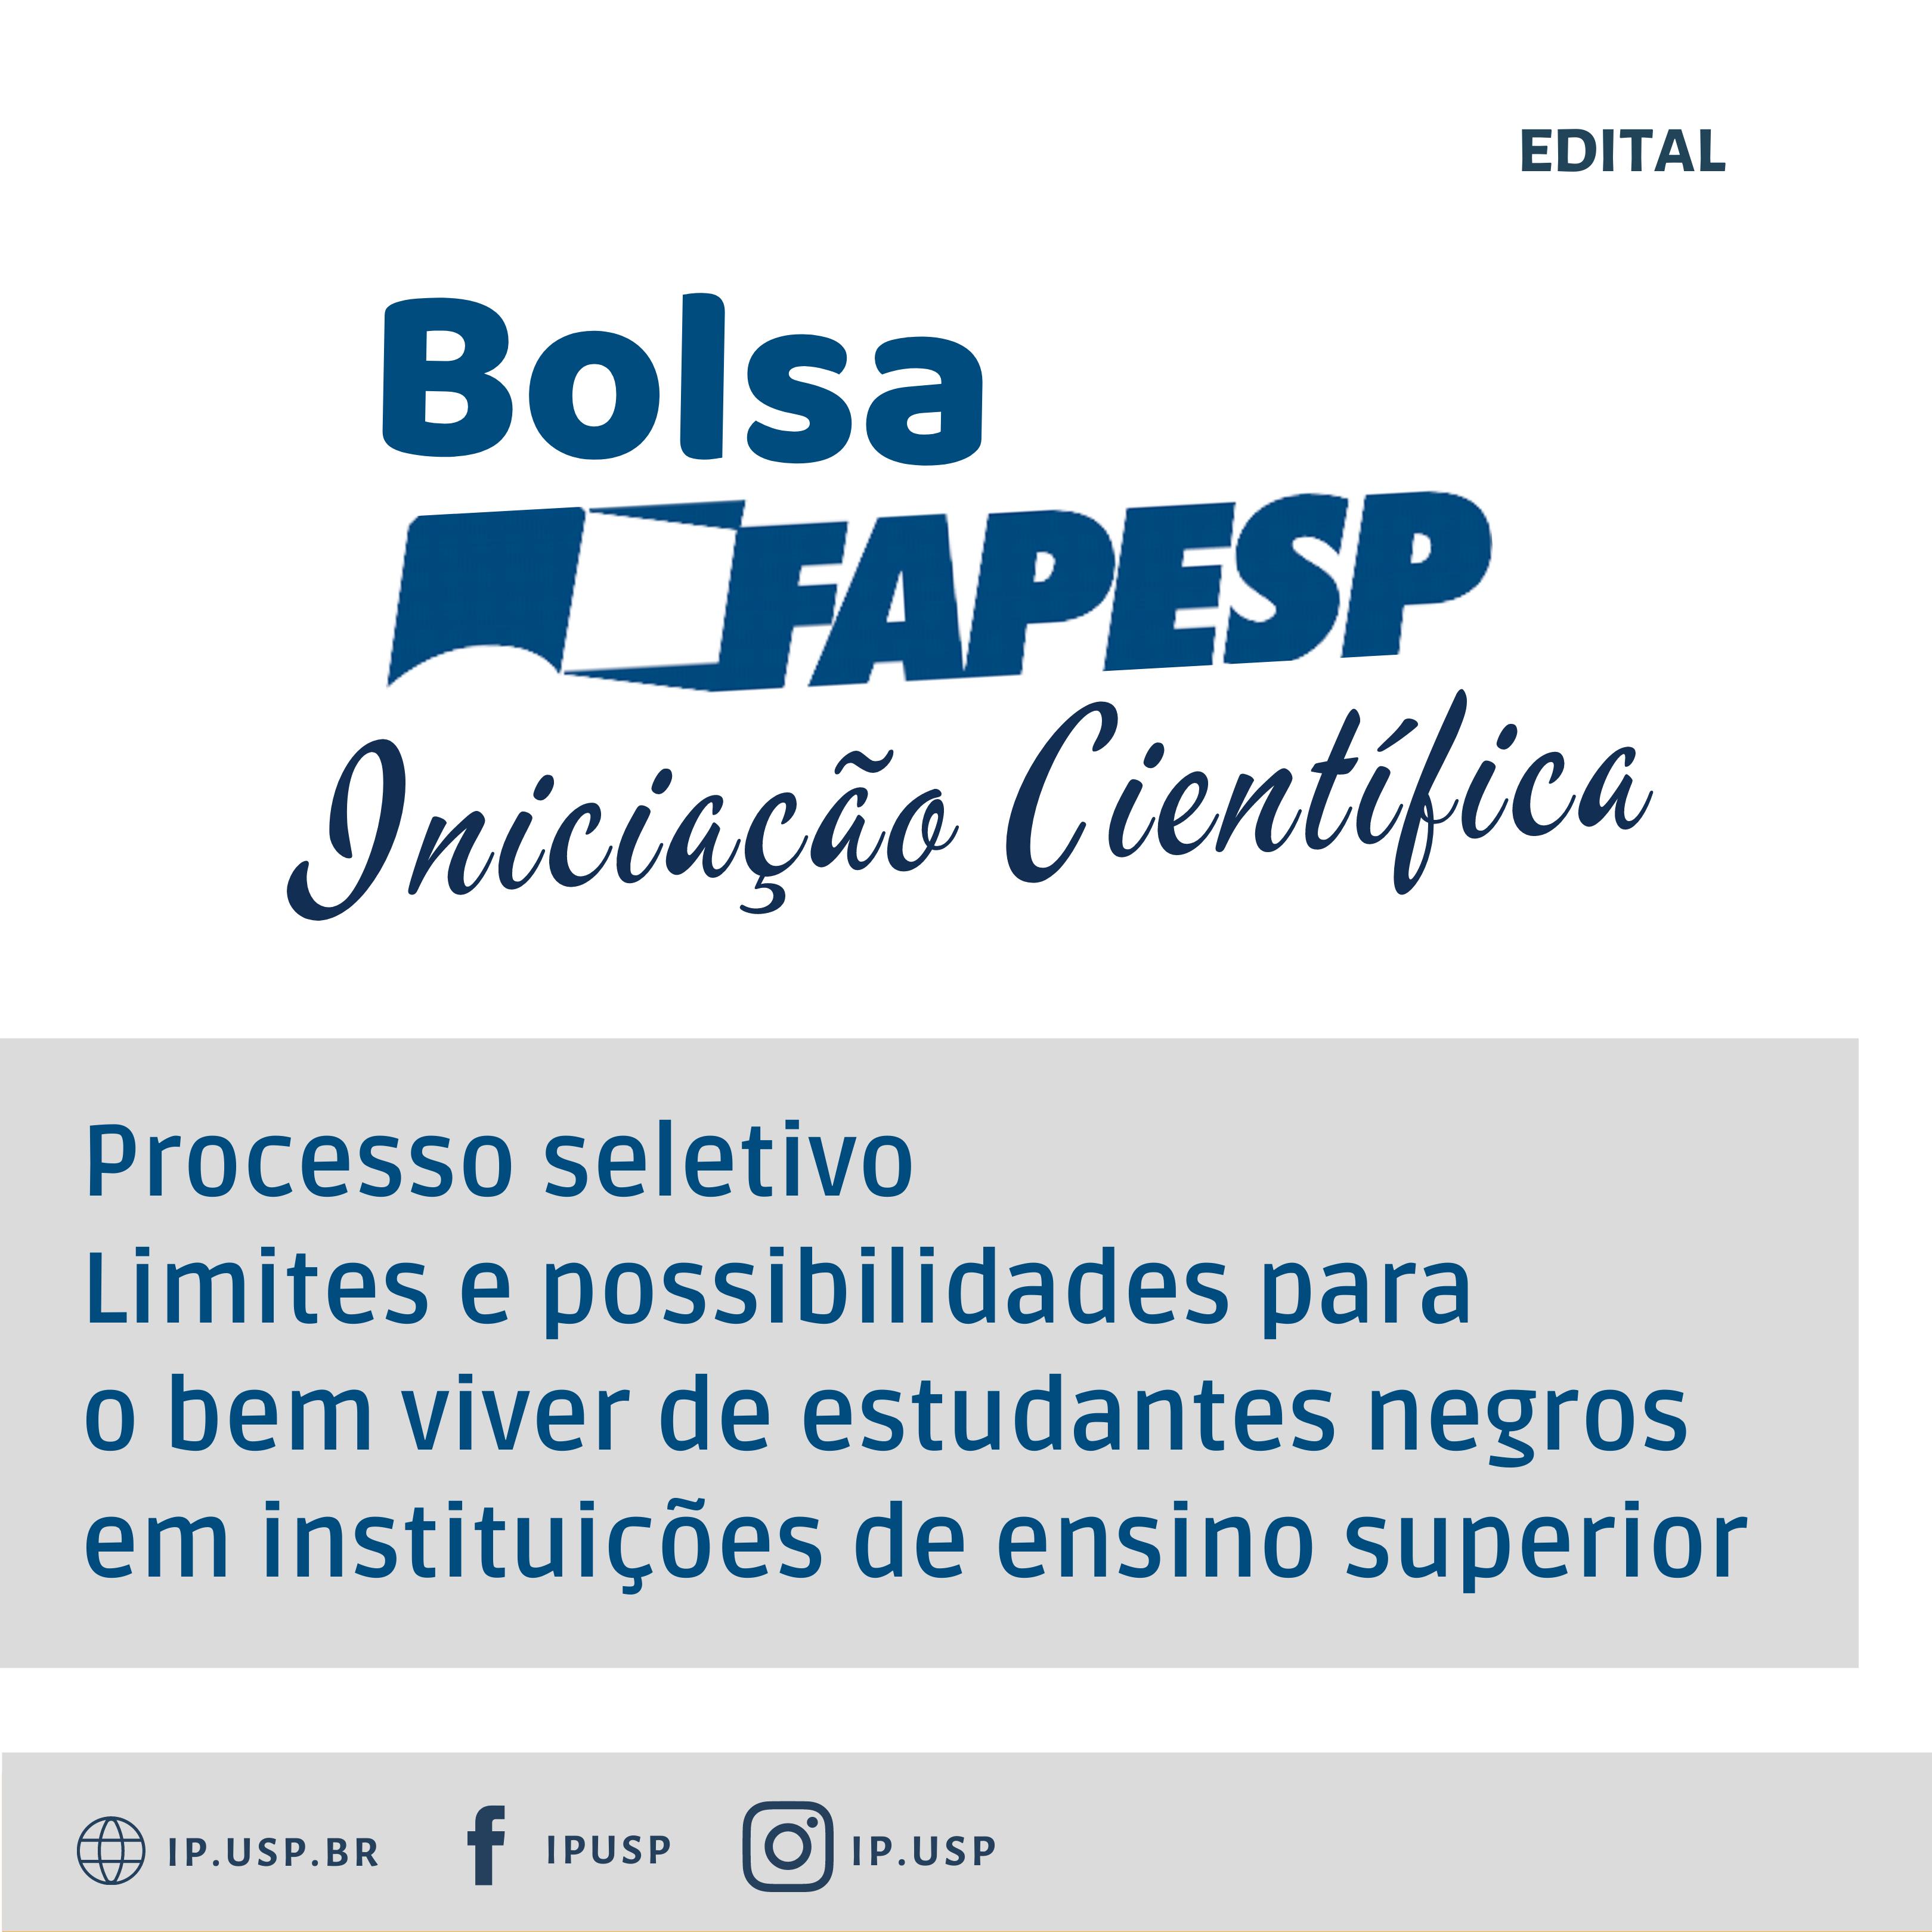 Edital de processo seletivo para bolsa de iniciação científica – FAPESP